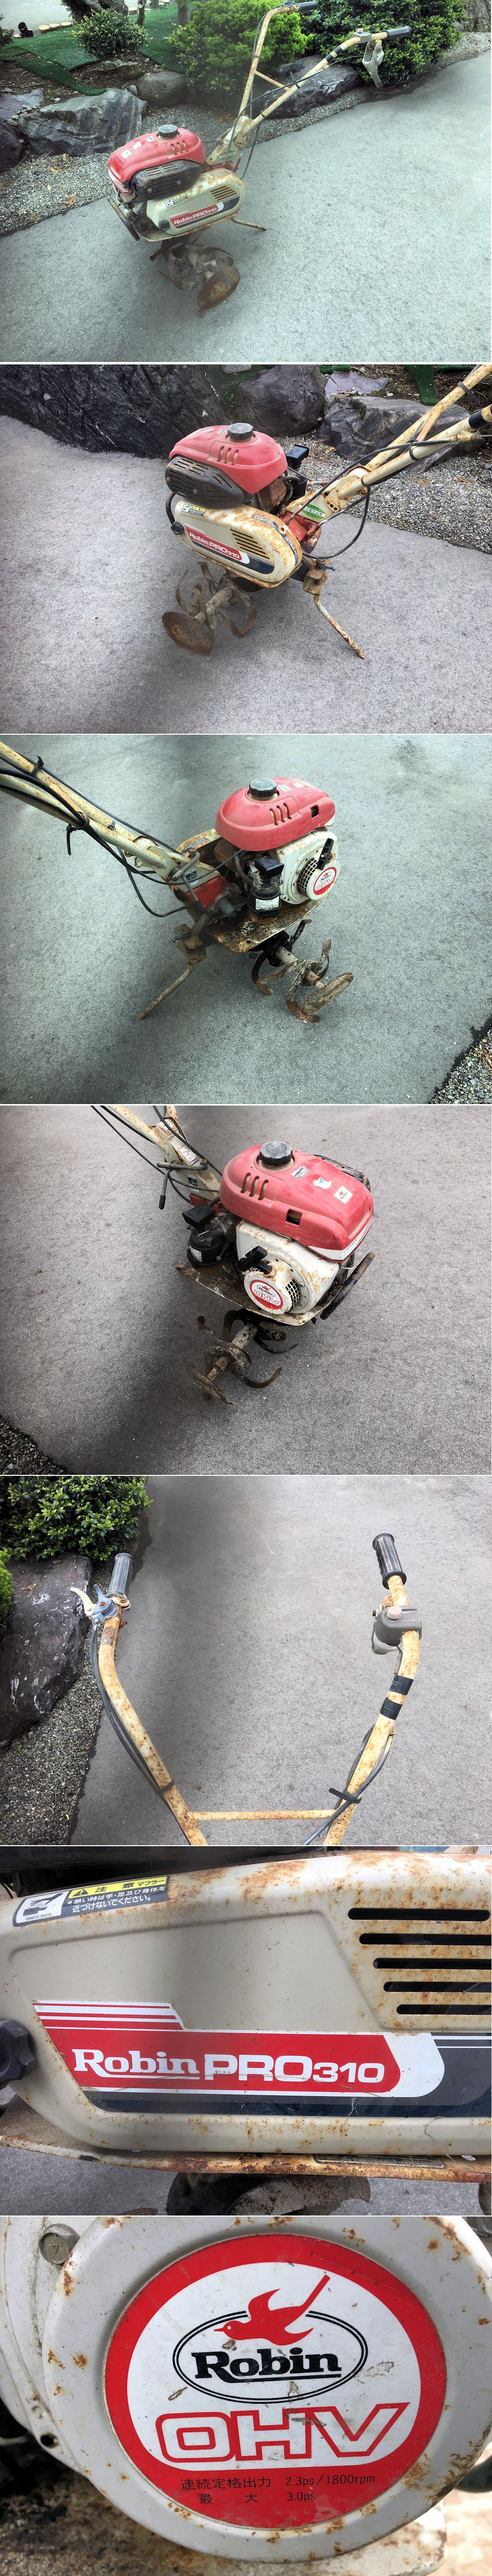 ロビン PRO(プロ) 310 管理機 耕運機 3馬力 実働 中古